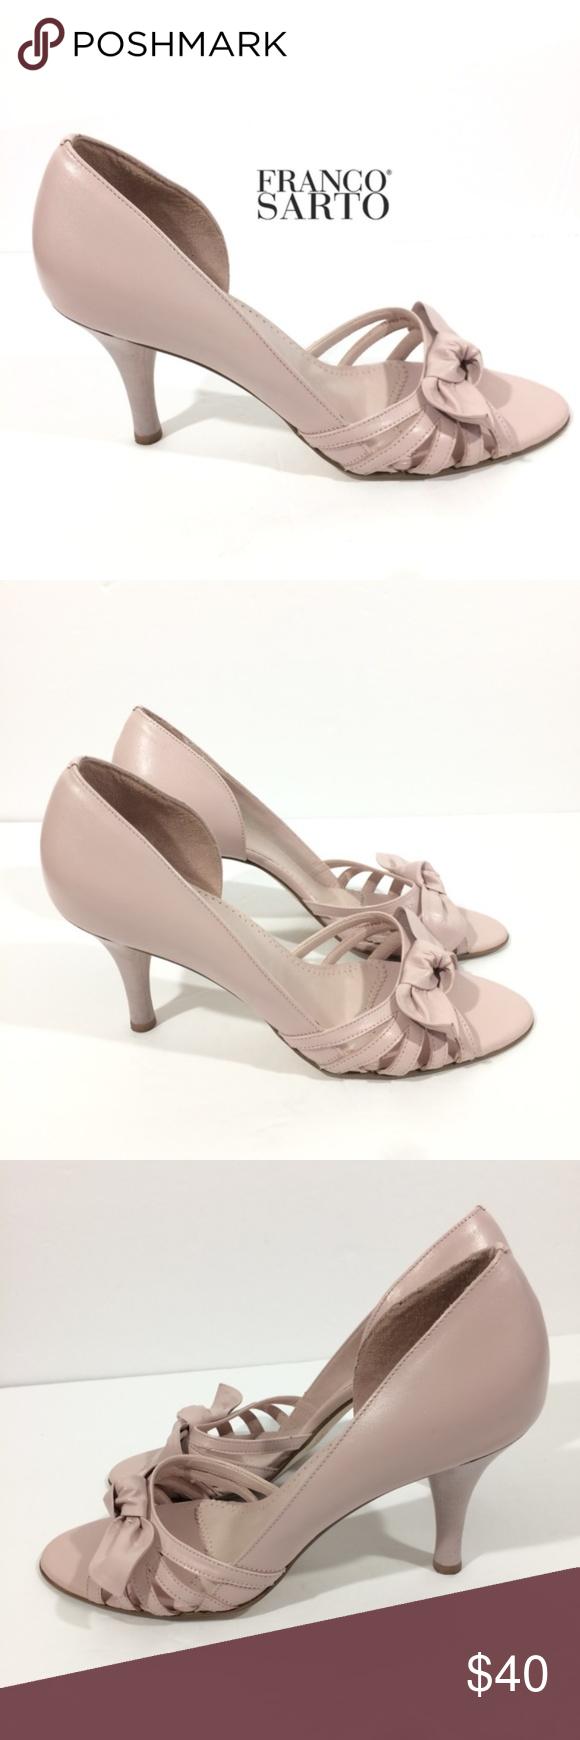 Franco Sarto Blush Pale Pink Bows Kitten Heel 9 Franco Sarto Blush Pale Rockabilly Kitten Heels Heels Pink Shoes